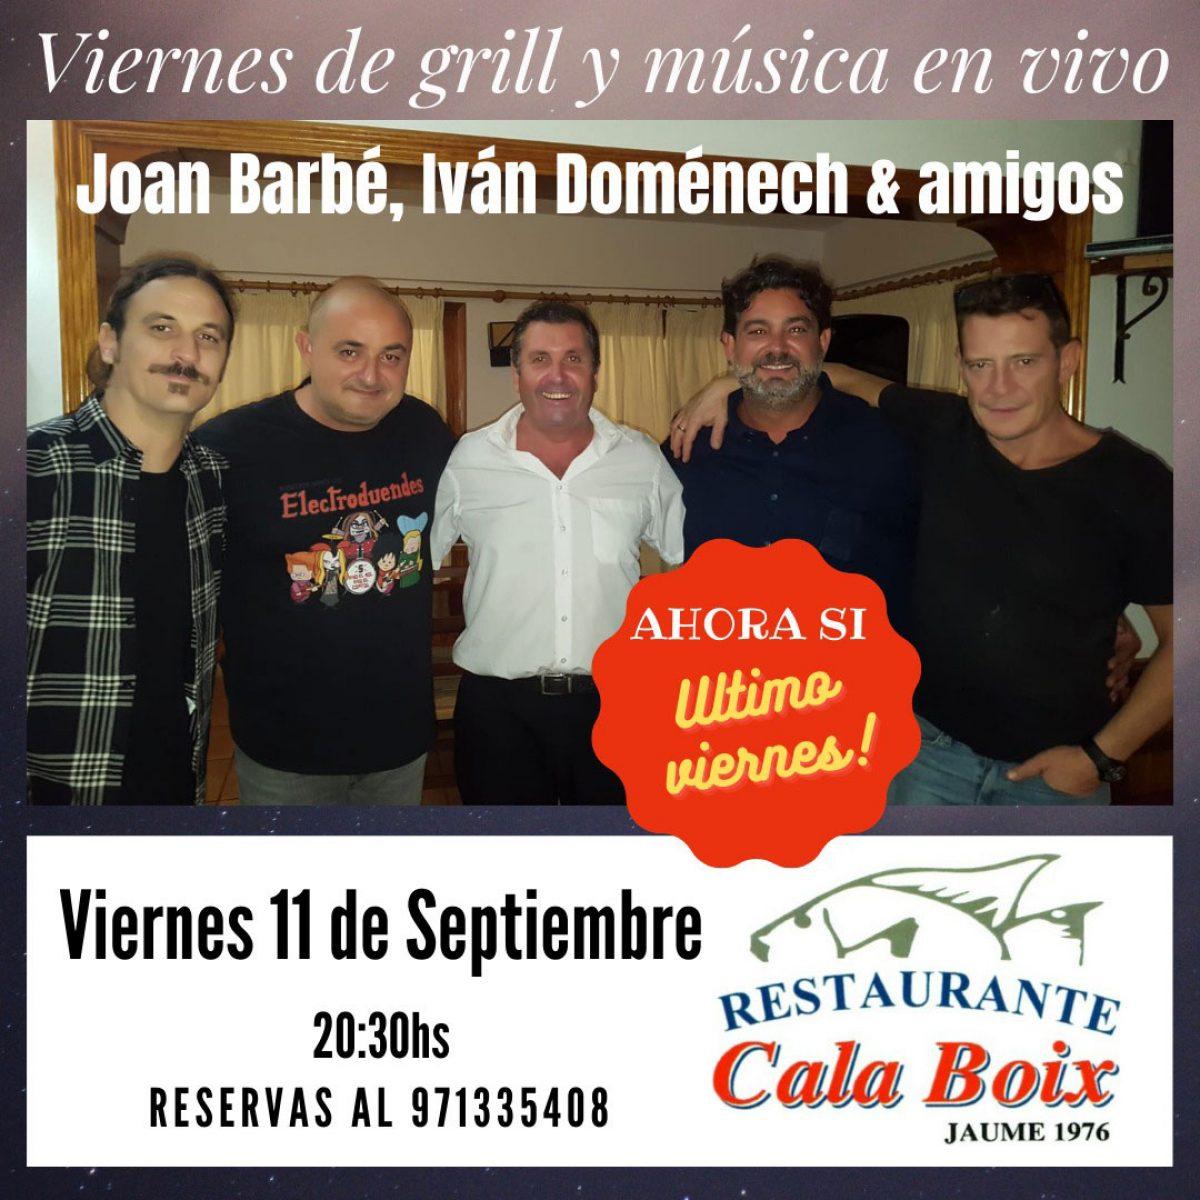 viernes-grill-y-musica-restaurante-cala-boix-ibiza-2020-welcometoibiza